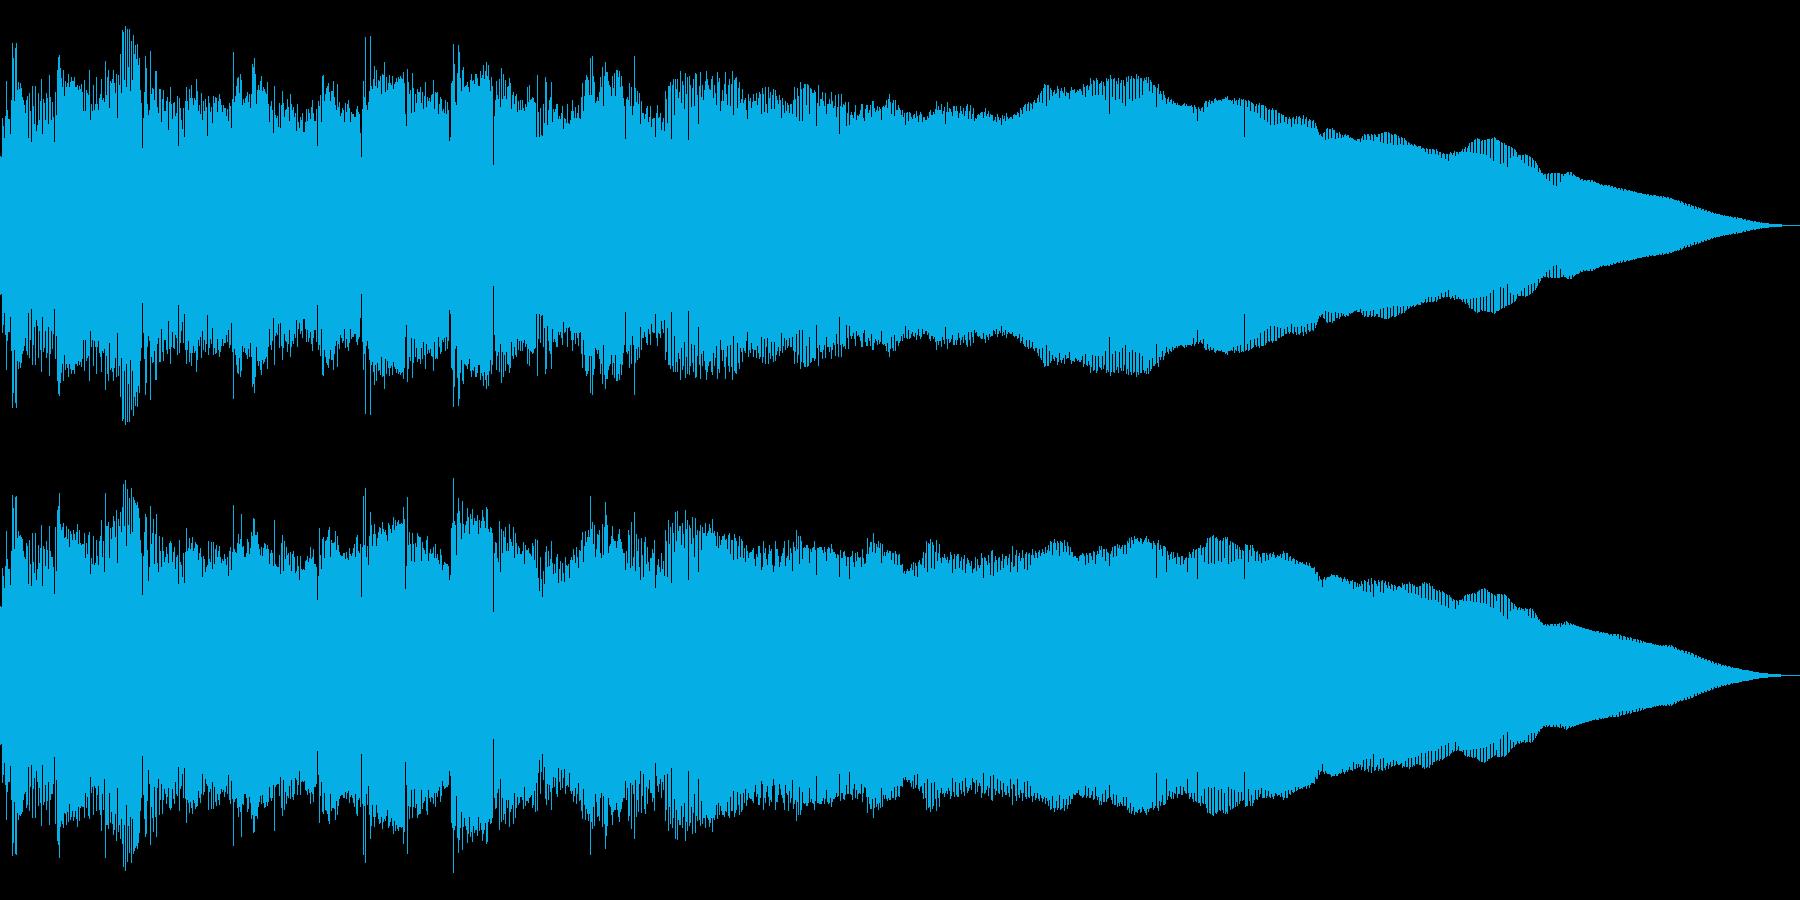 ネオクラシカルなメタルギター・フレーズの再生済みの波形